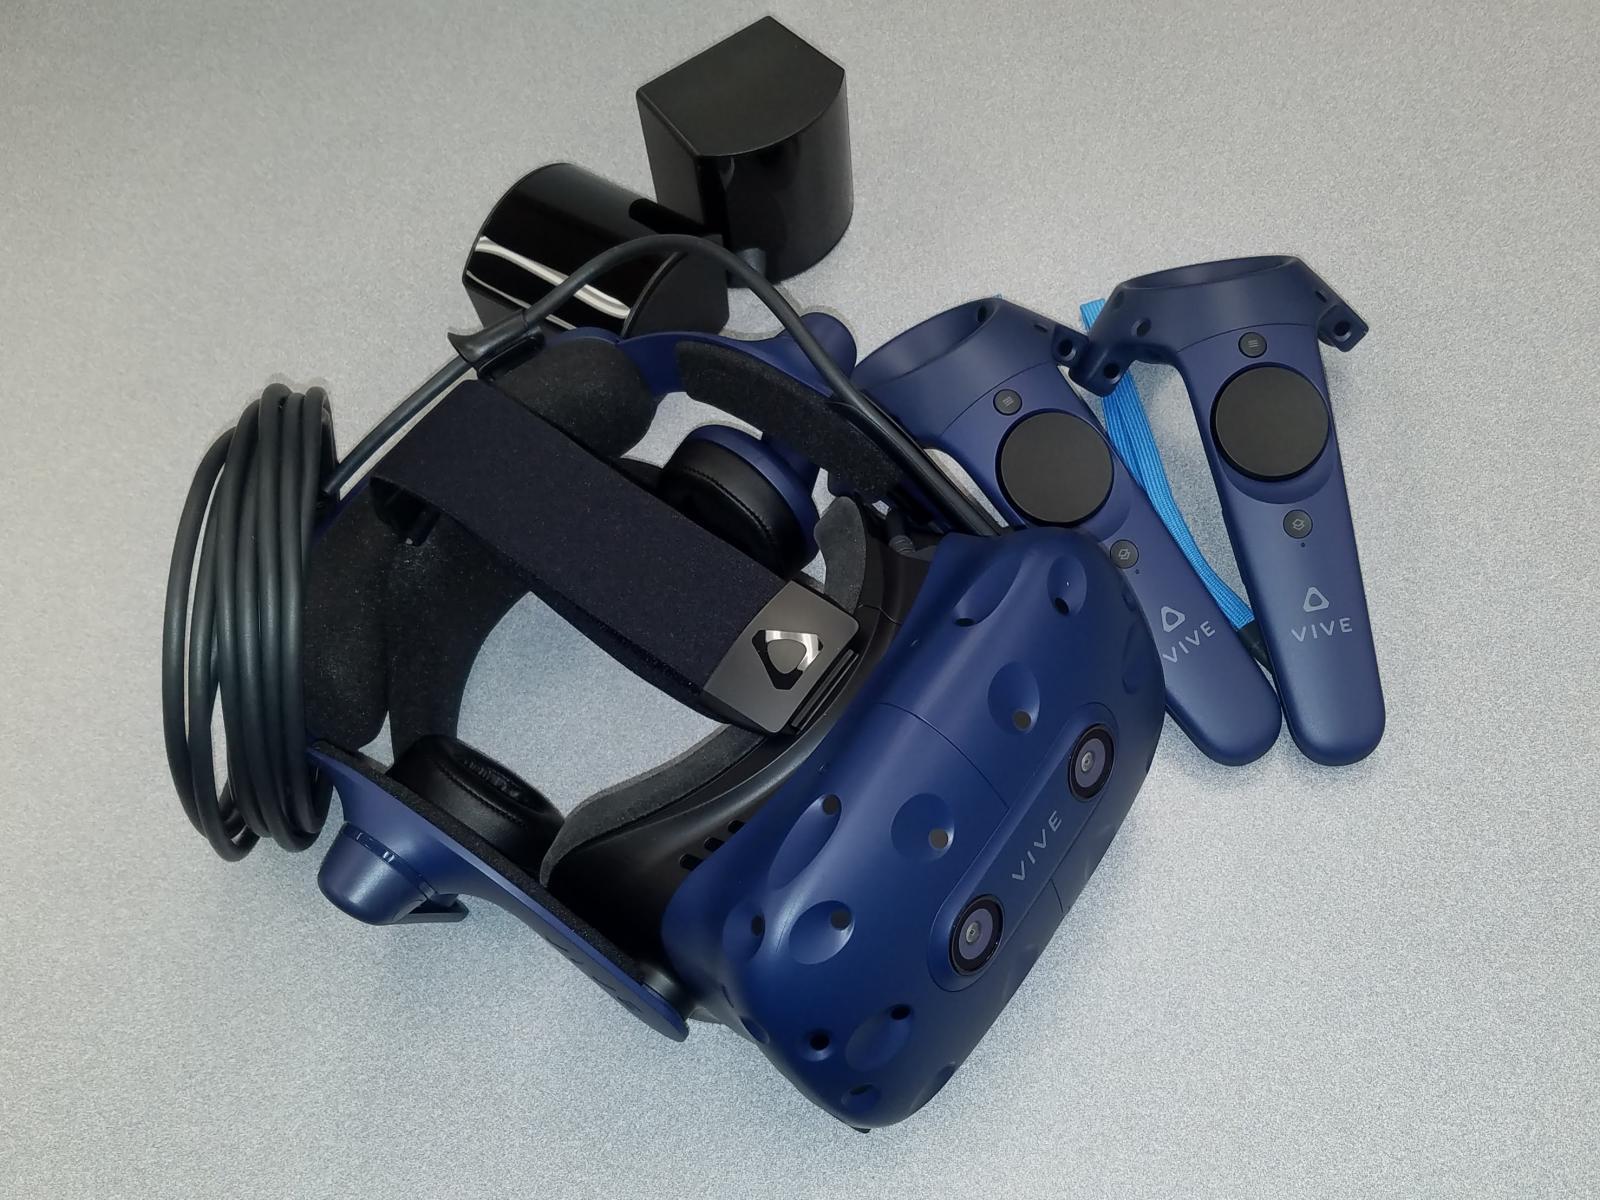 Vive VR Set